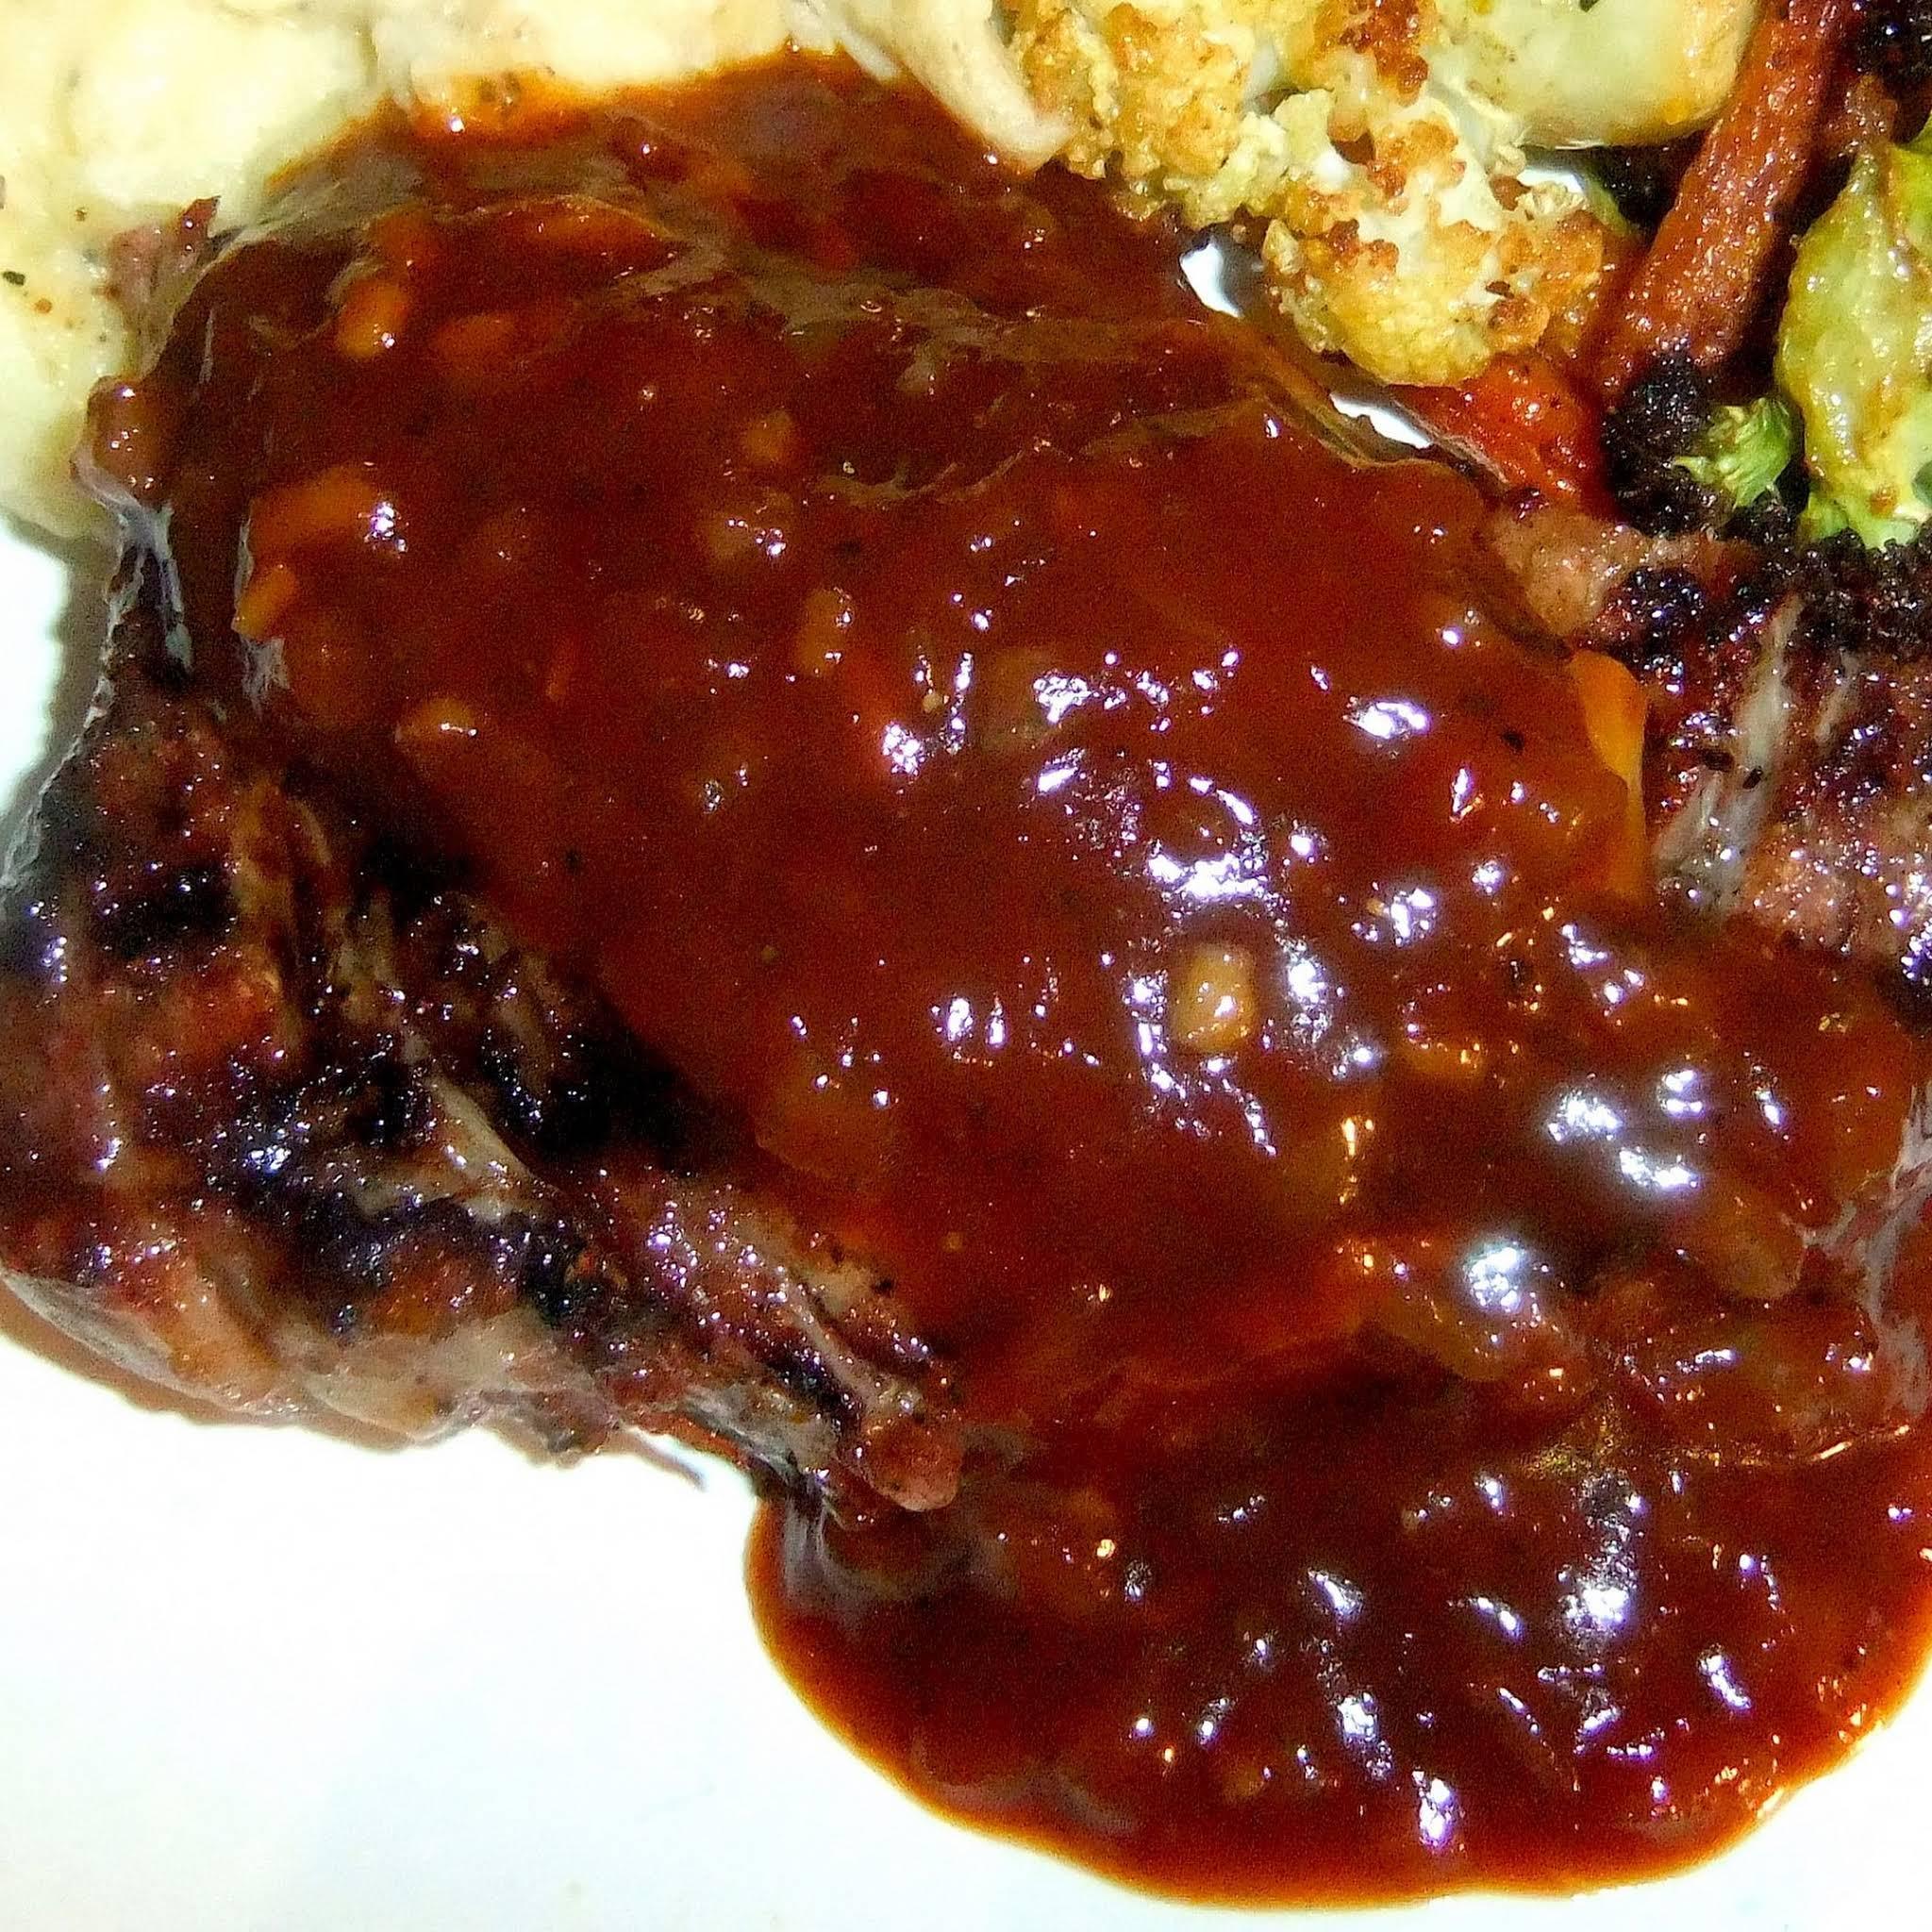 10 Best Chicken Steak Sauce Recipes Yummly,Chicken Breast Calories Per 100g